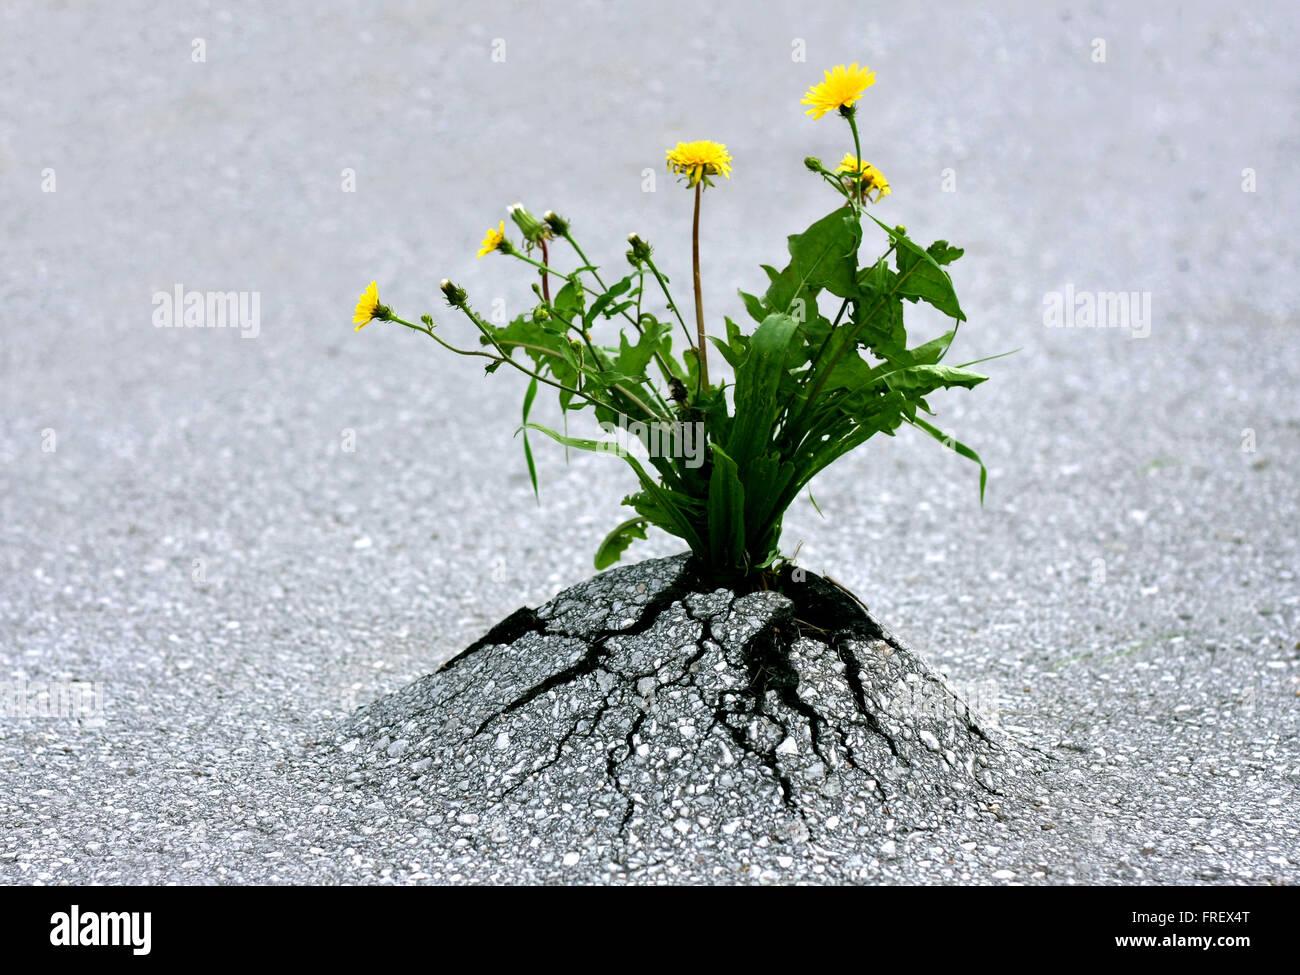 Las plantas nuevas a través de rock duro asfalto. Ilustra la fuerza de la naturaleza y de increíbles logros contra Foto de stock